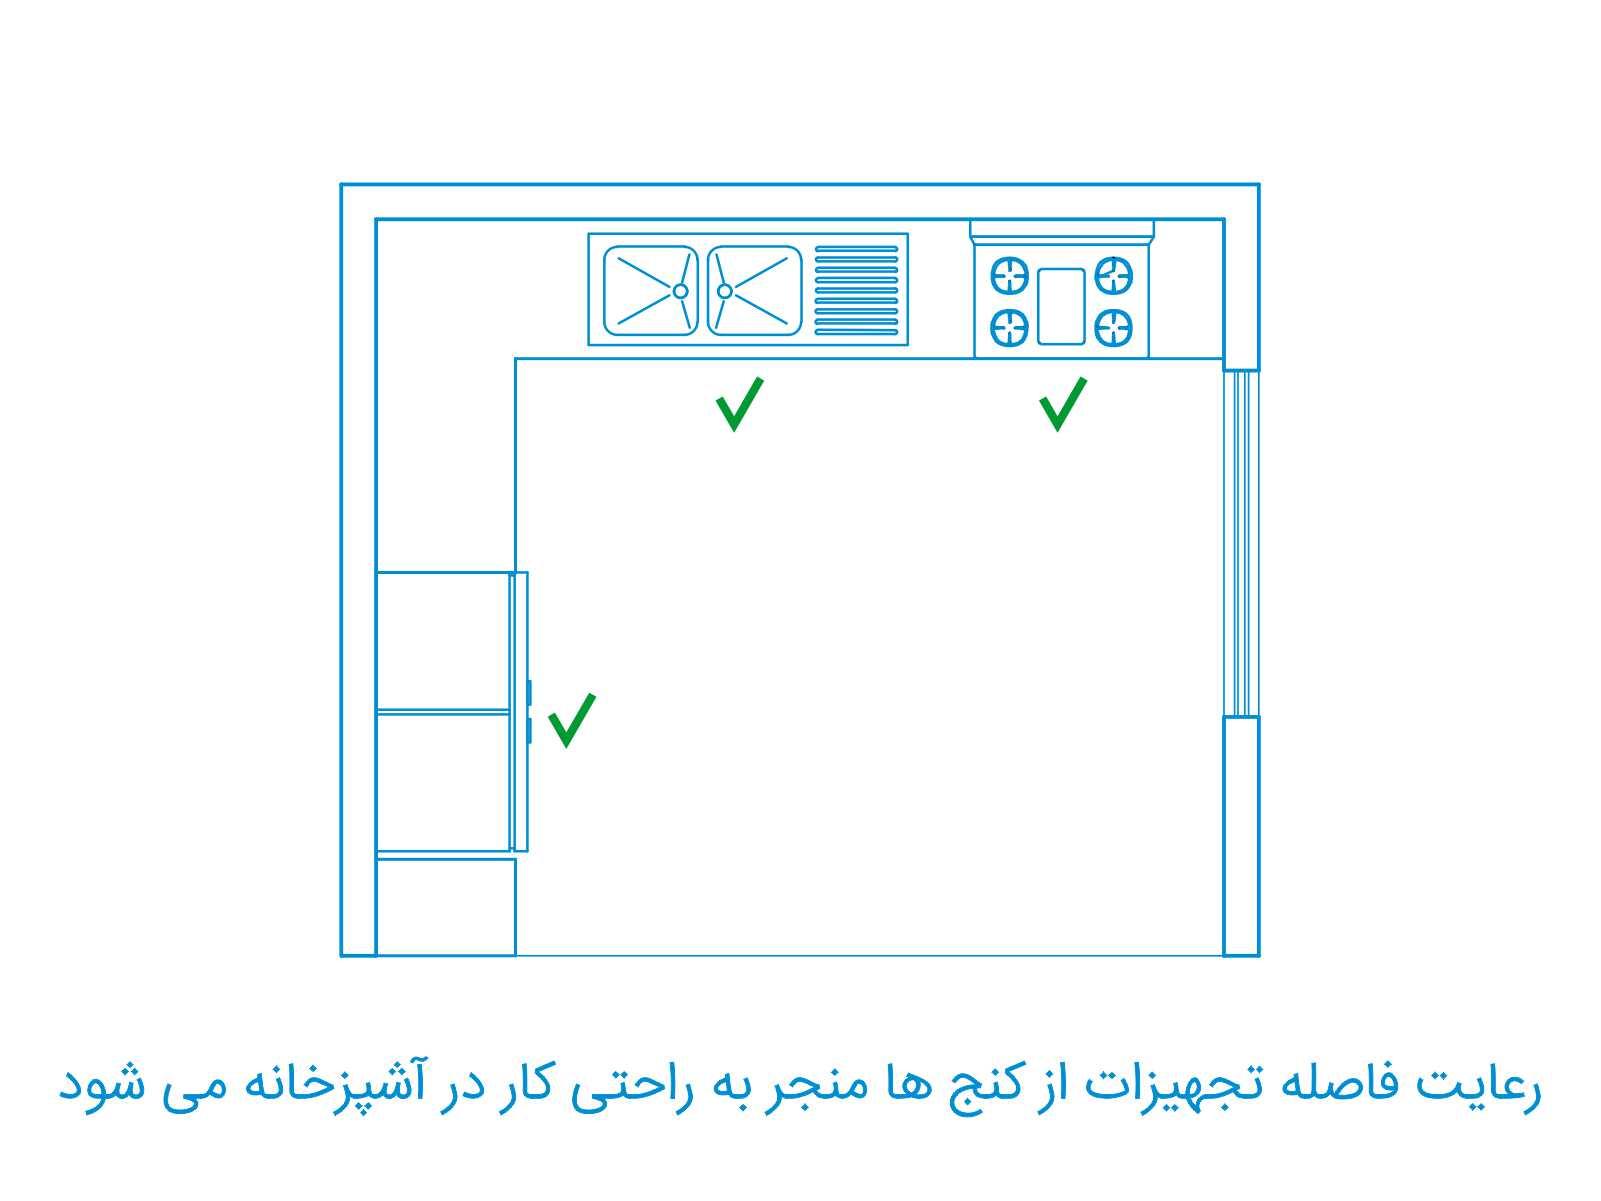 فاصله عناصر آشپزخانه از کنج ها